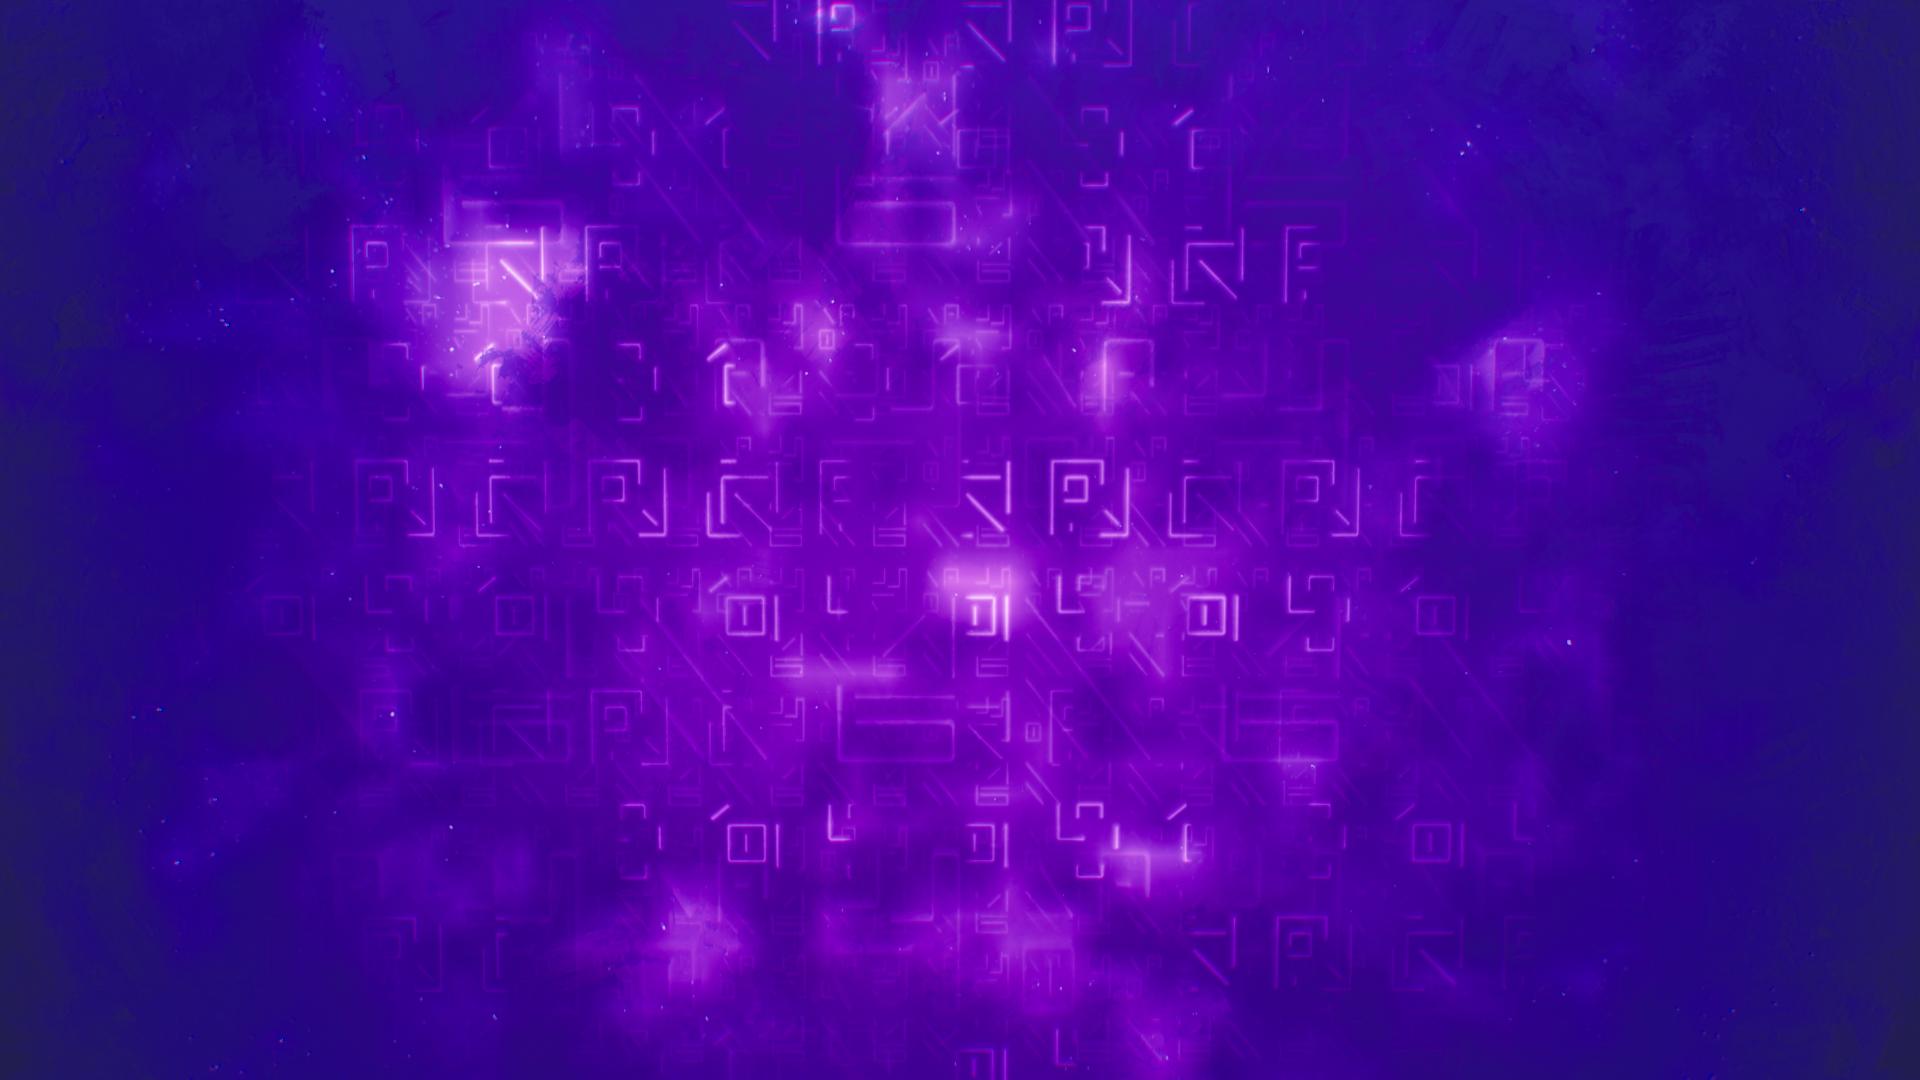 Kevin wallpaper FortNiteBR 1920x1080